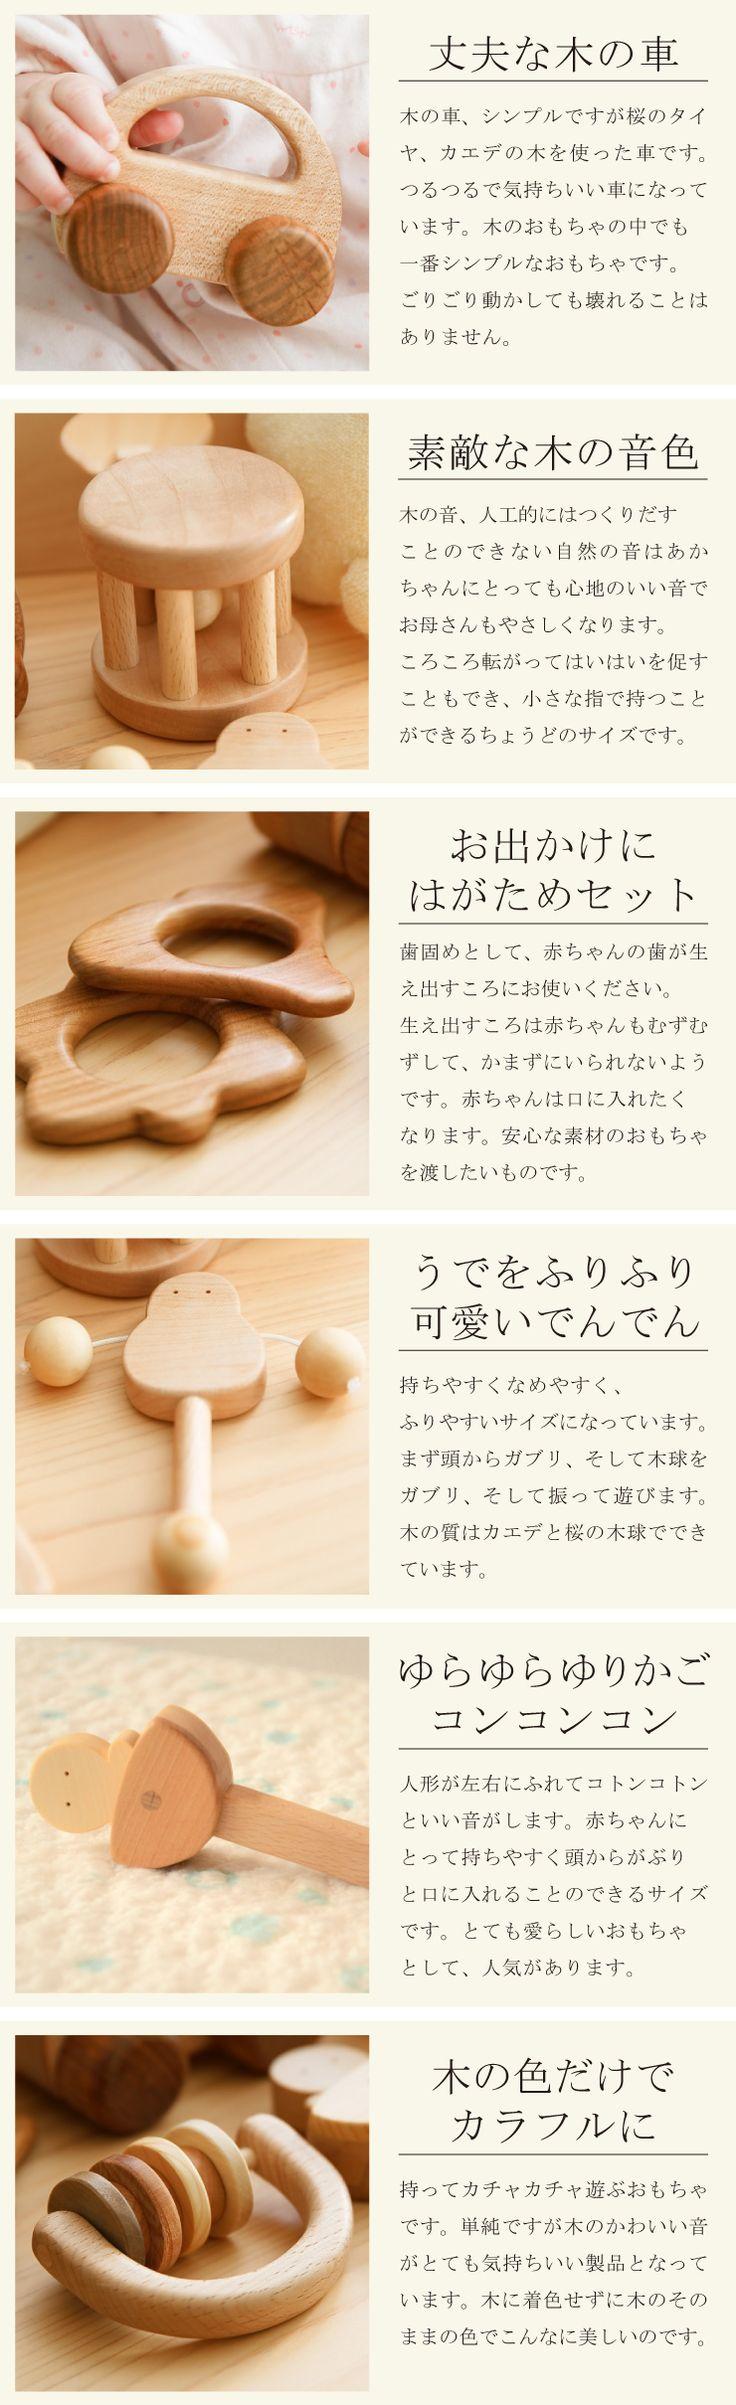 赤ちゃんセット 赤ちゃんセット:年間売り上げ数NO1!! 初めて出会う赤ちゃんのおもちゃは安心自然素材で・・・ 自然素材100%あかちゃんにとって安心安全のおもちゃです。 箱の中身は日本の広葉樹がいっぱい詰まっています 赤ちゃんセットにはご出産祝い用に、選りすぐれた最高の製品がセットされています。 自然の素材でできたおもちゃなら安心して使っていただけます。 赤ちゃんはおもちゃを手に持って、なめながら形を認識していきます。突き出た大脳と言われる手で、おもちゃを持ち、なめてたしかめます。そして動かしてみます。赤ちゃんはおもちゃの動きを楽しみ、いろいろ試してみることで、おもちゃを通して外界を認識し、学んでいきます。 また、お母さんと赤ちゃんの豊かなコミュニケーションづくりに役立ちます。おもちゃを介してのやり取りは、木のおもちゃならなではのあたたかさが生まれます。 この赤ちゃんのセットは、すでに30年以上製作しています。赤ちゃんのためのおもちゃとして、製作には日本の木材を厳選し、ていねいに磨き、ツルツルに仕上げて完成させます。多くのお母さまから「ツルツルに磨かれてい...